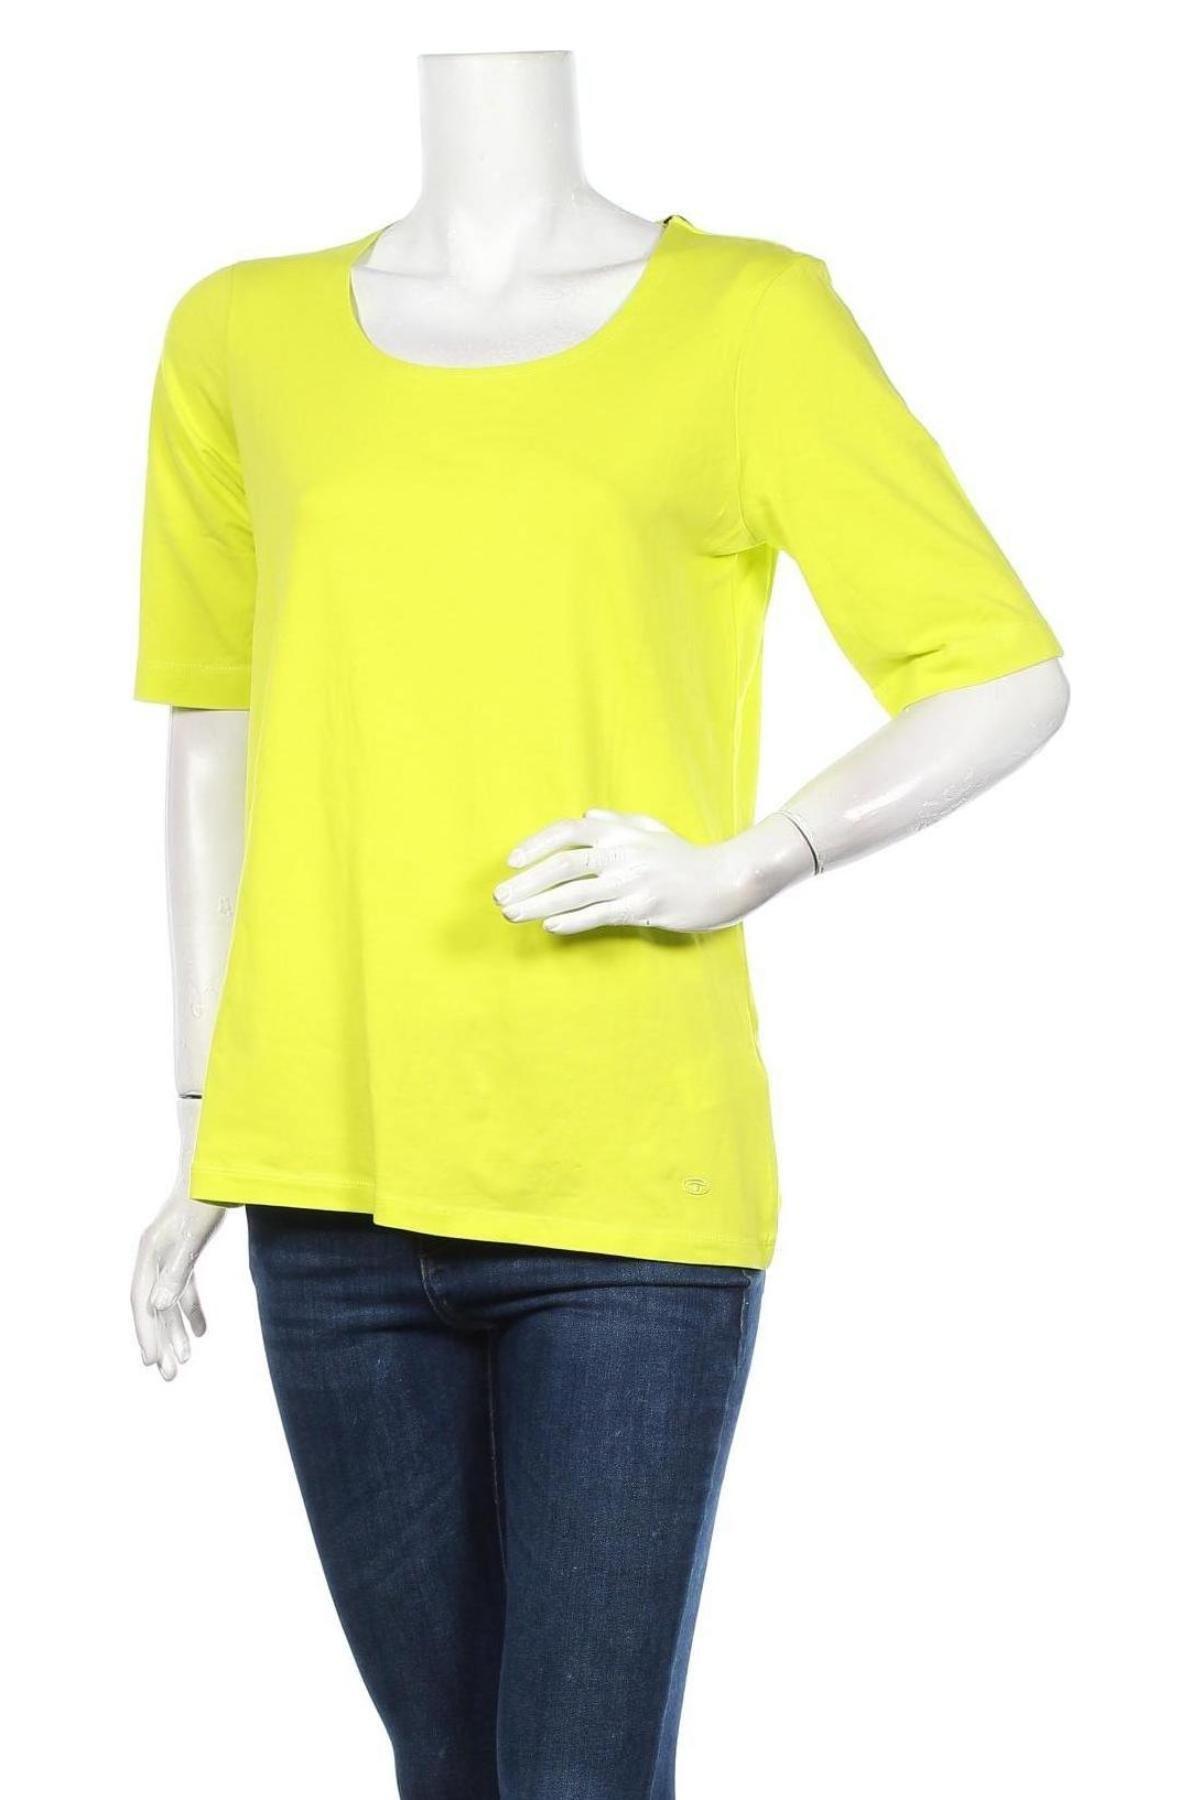 Γυναικεία μπλούζα Tom Tailor, Μέγεθος XL, Χρώμα Πράσινο, 95% βαμβάκι, 5% ελαστάνη, Τιμή 16,24€